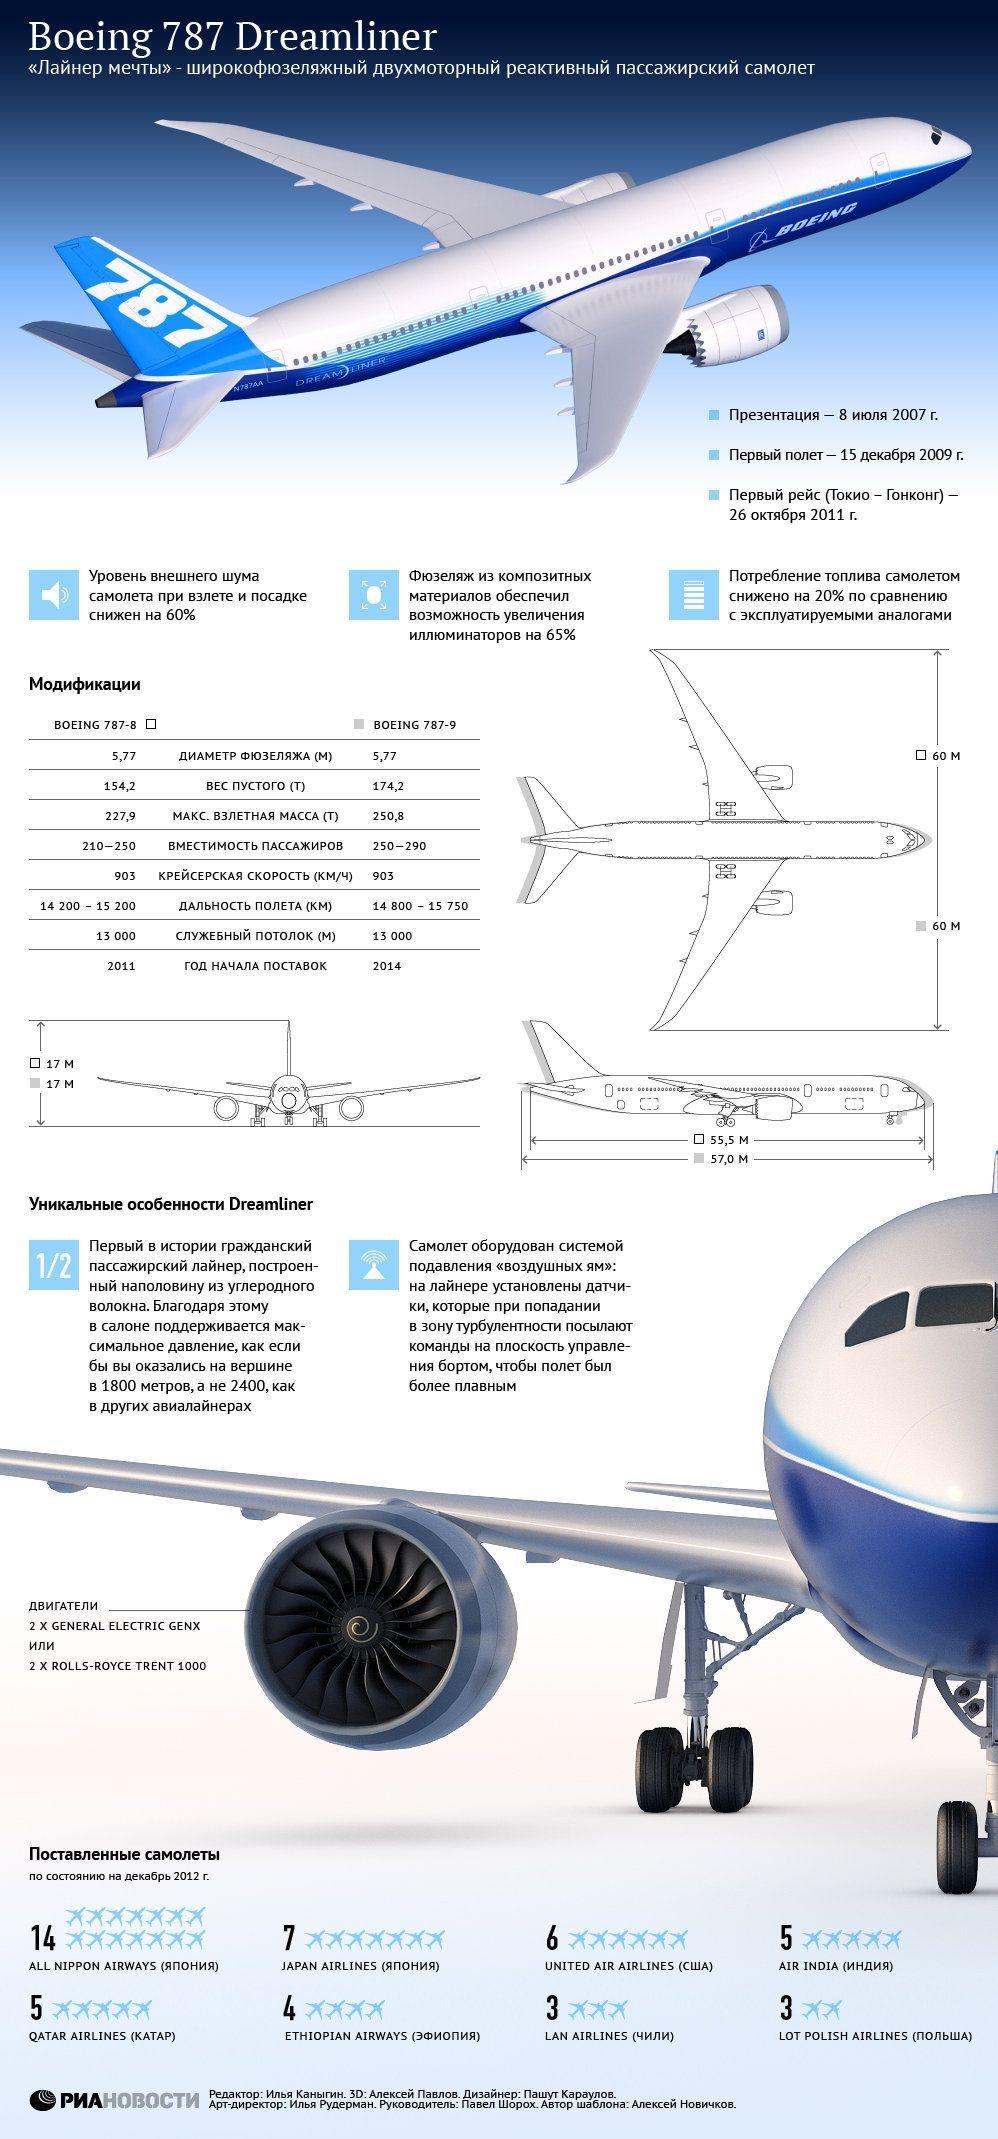 Boeing 787 for sale by Jetnar. https://jetnar.com/jets-for-sale ...